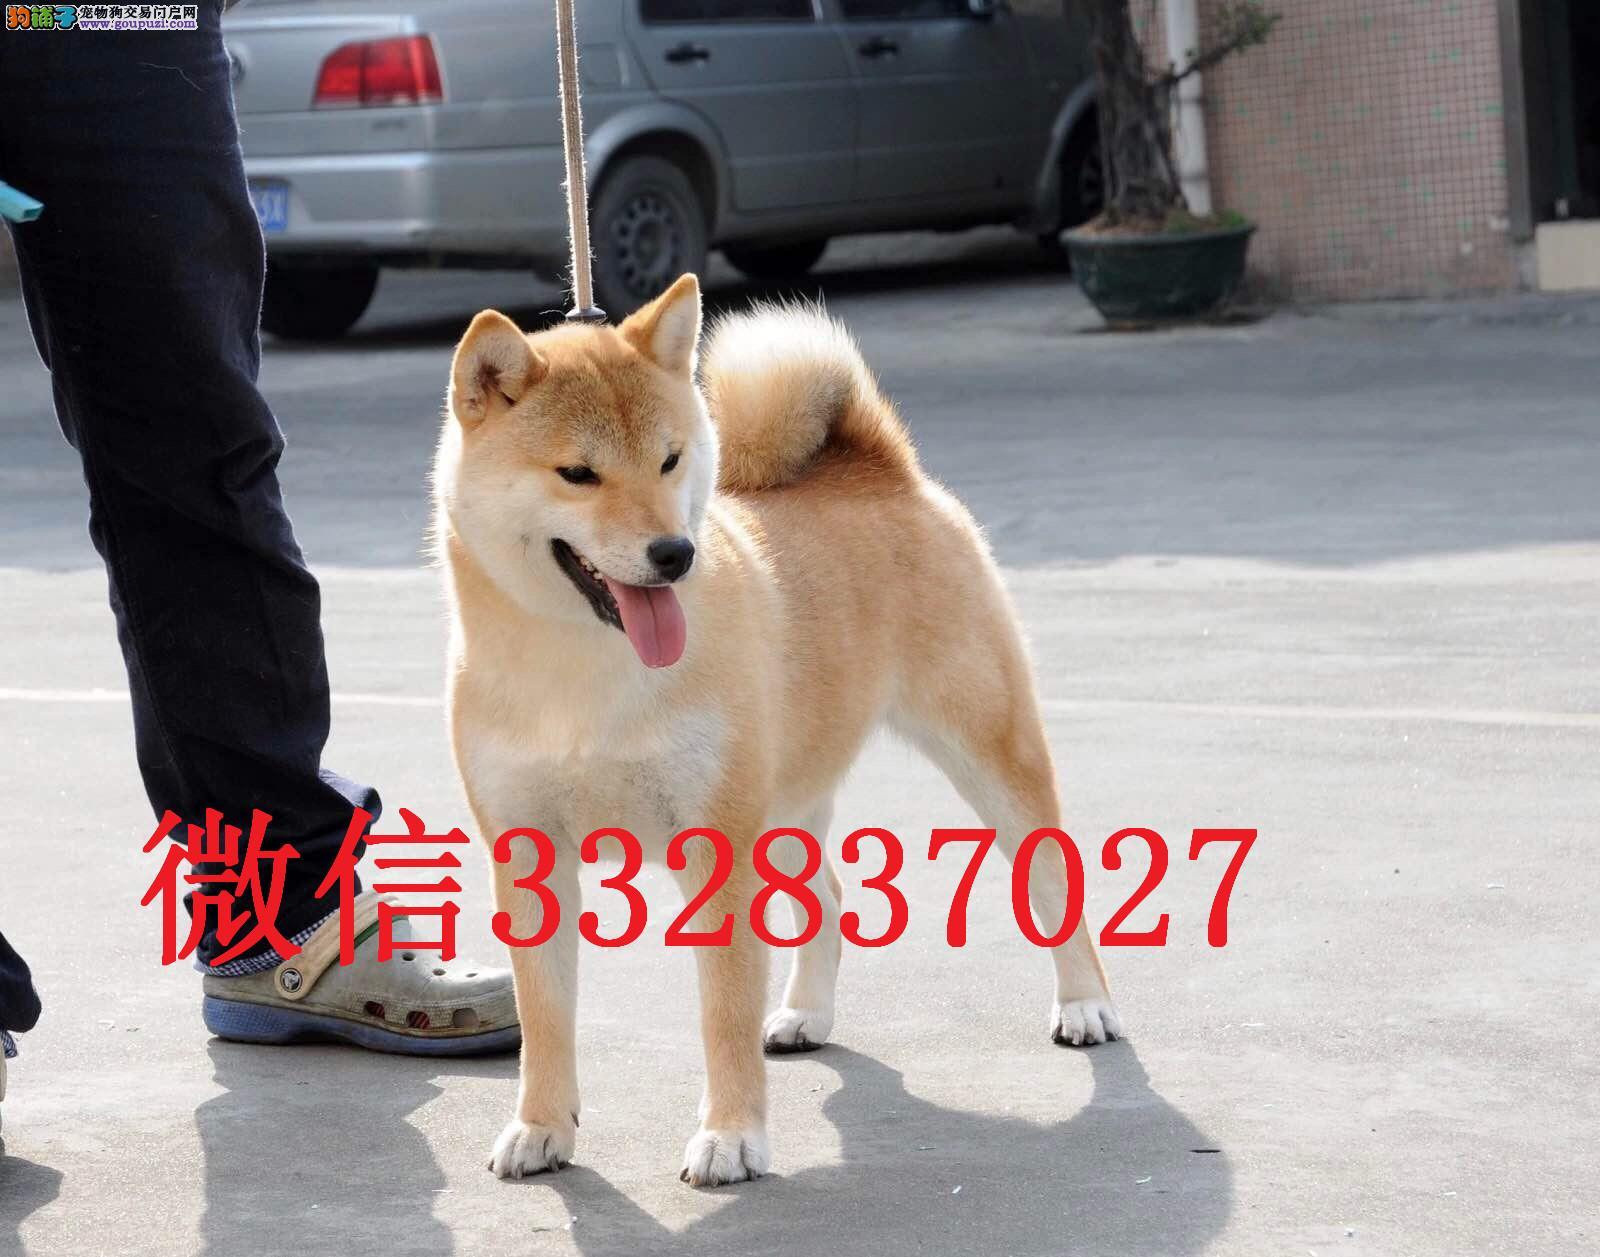 福州柴犬 纯种柴犬 福州哪里卖柴犬 日系纯种柴犬出售